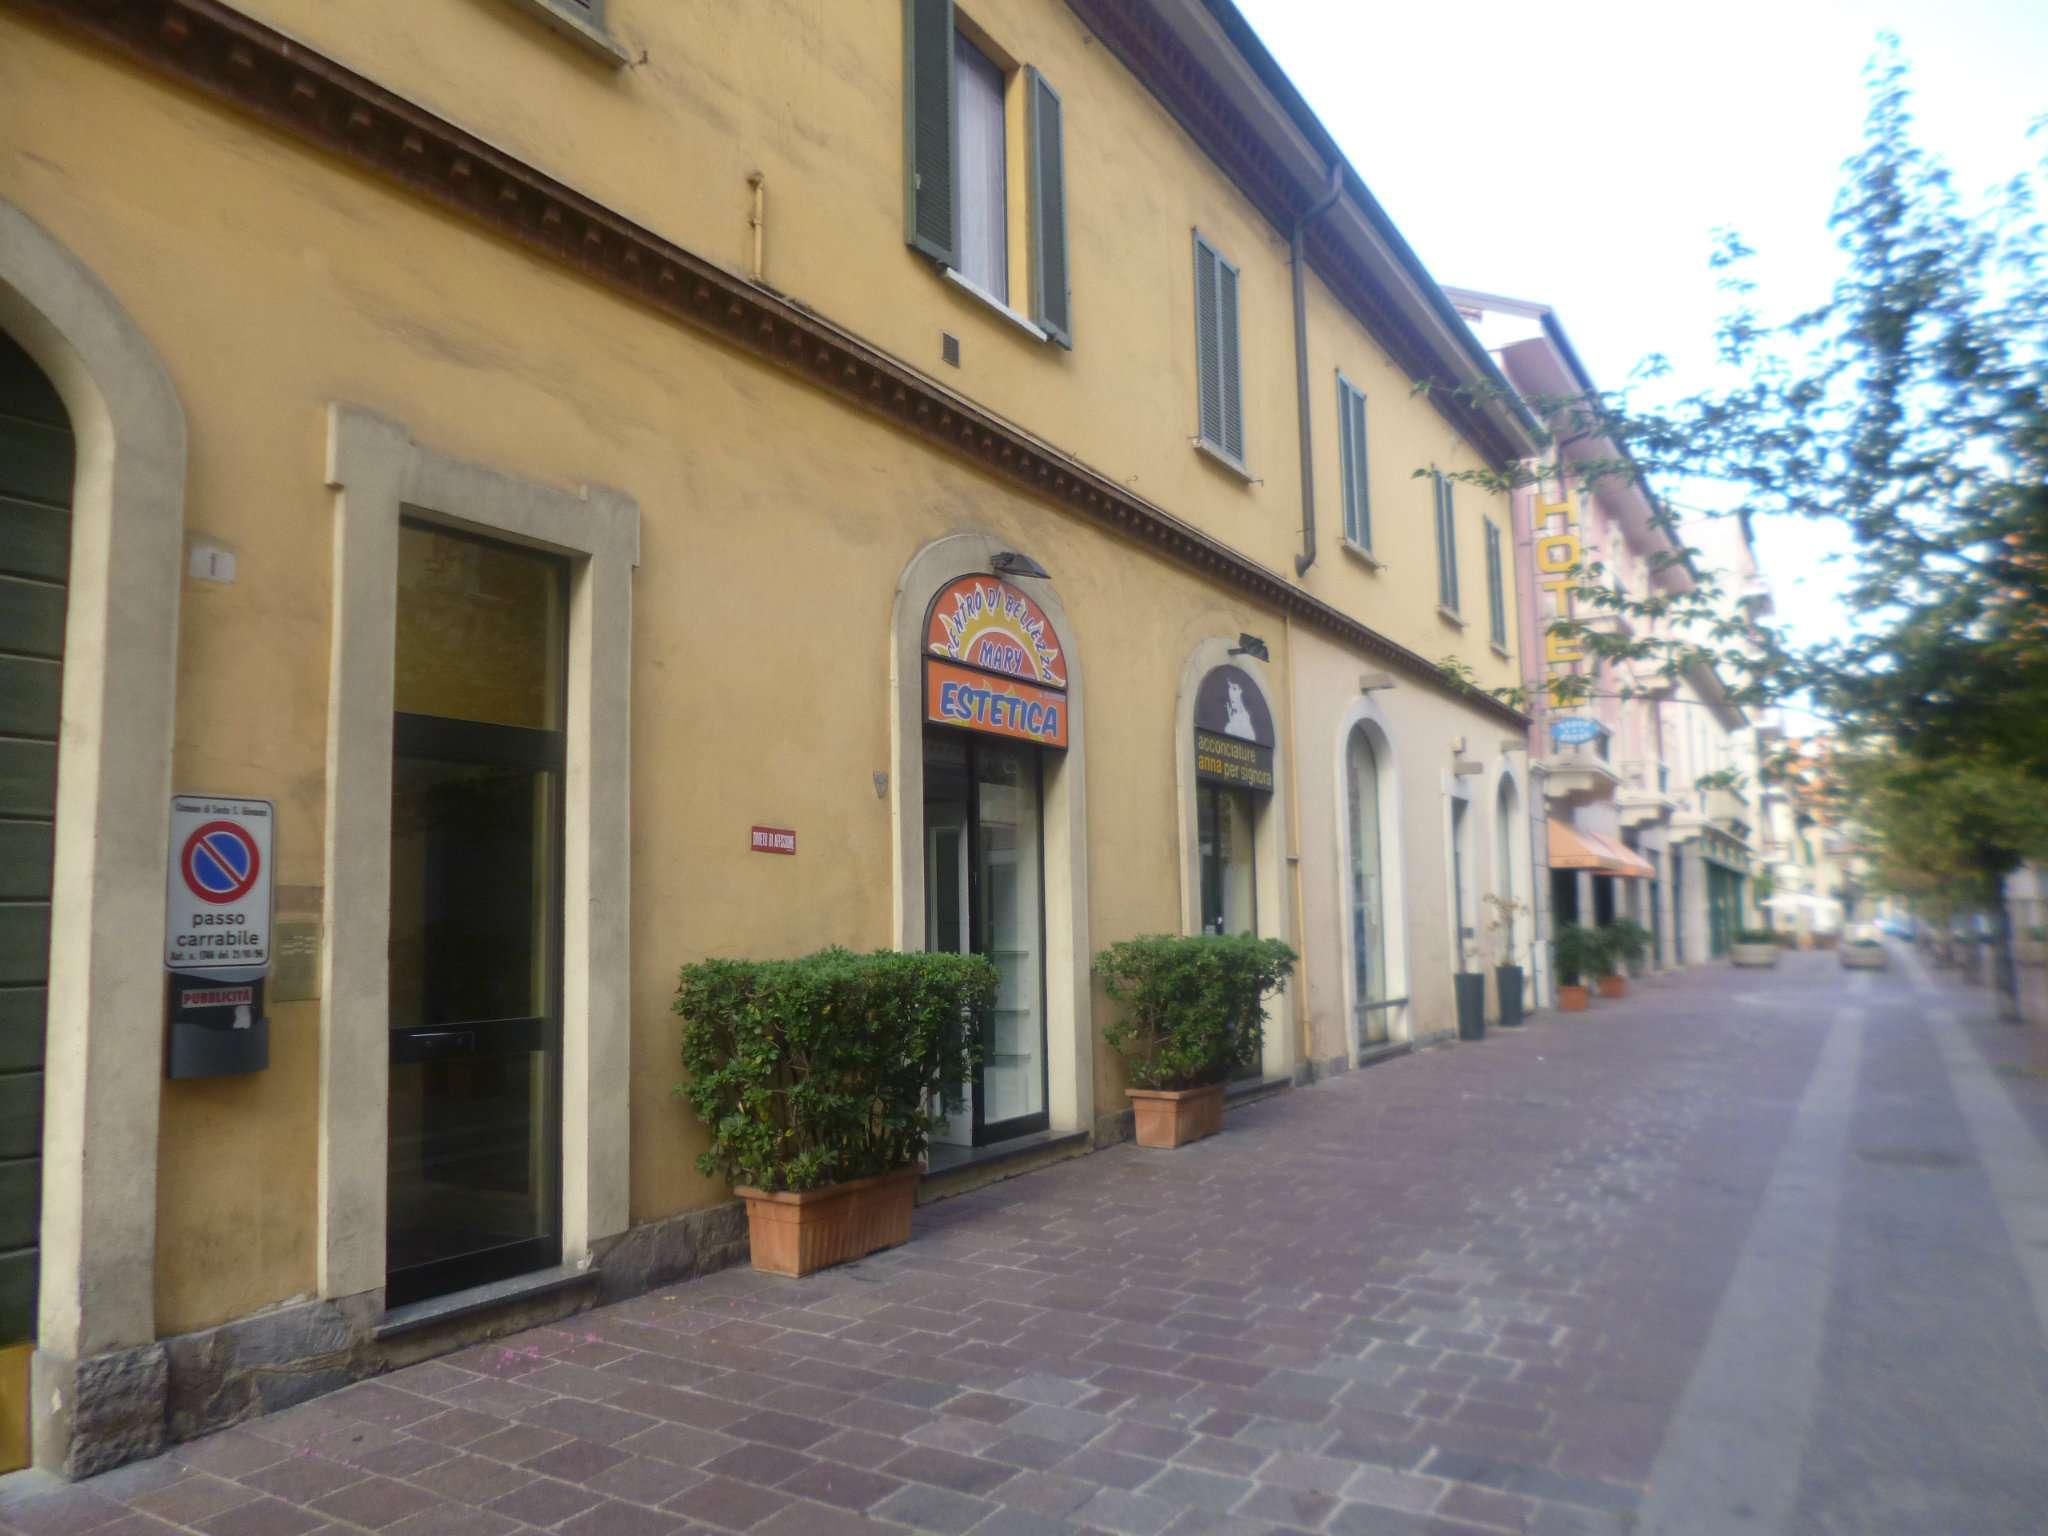 Negozio / Locale in affitto a Sesto San Giovanni, 1 locali, prezzo € 700 | CambioCasa.it